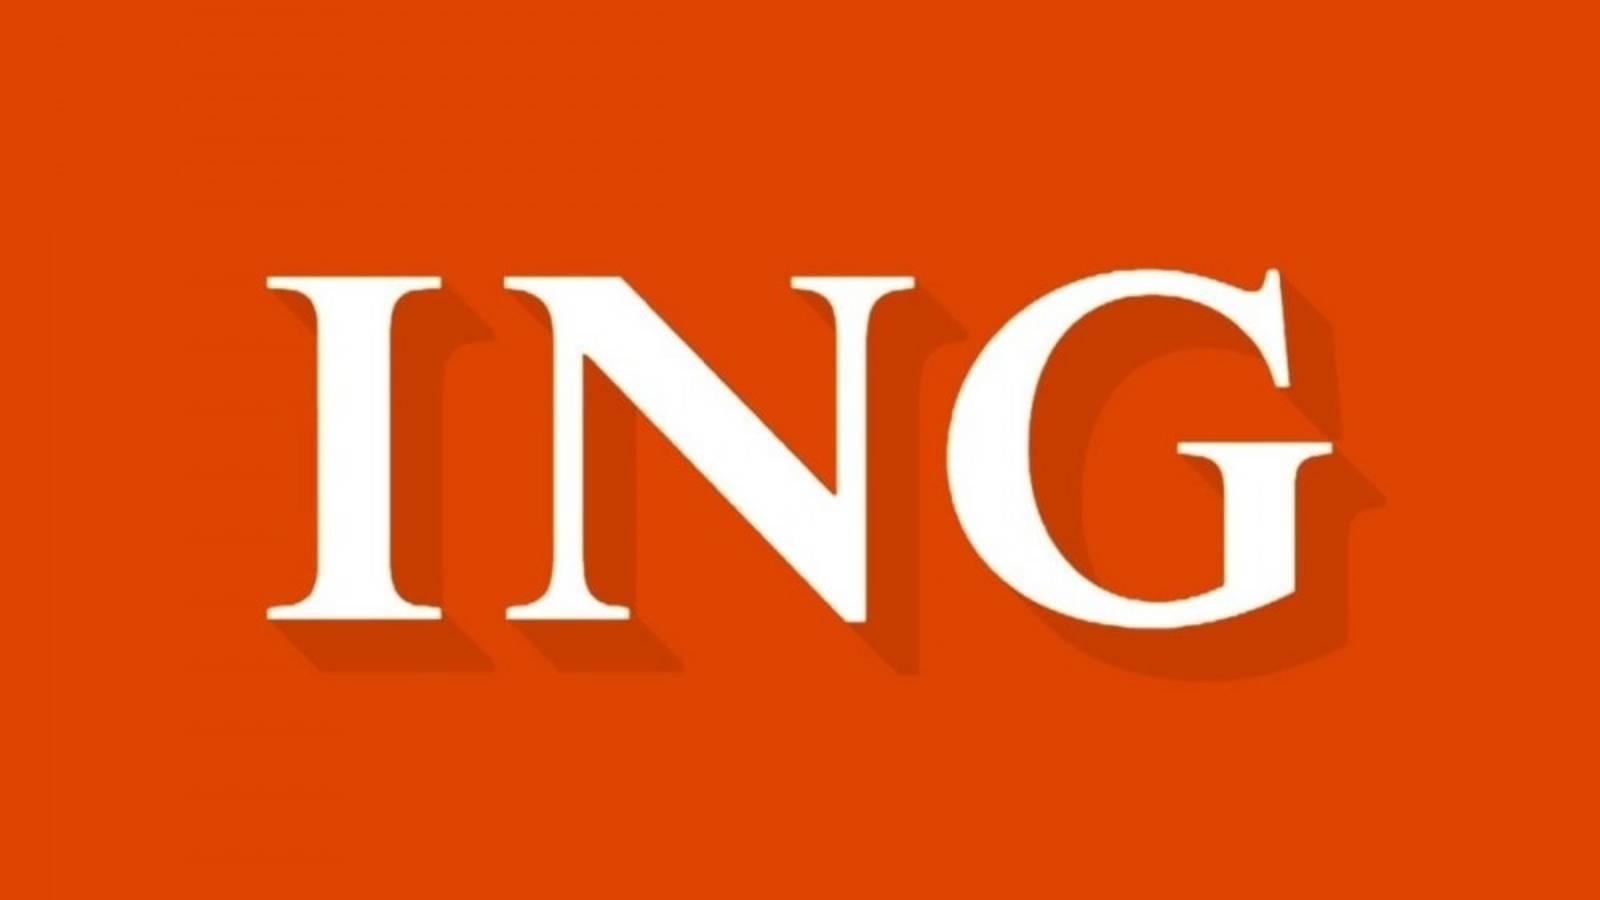 ING Bank social